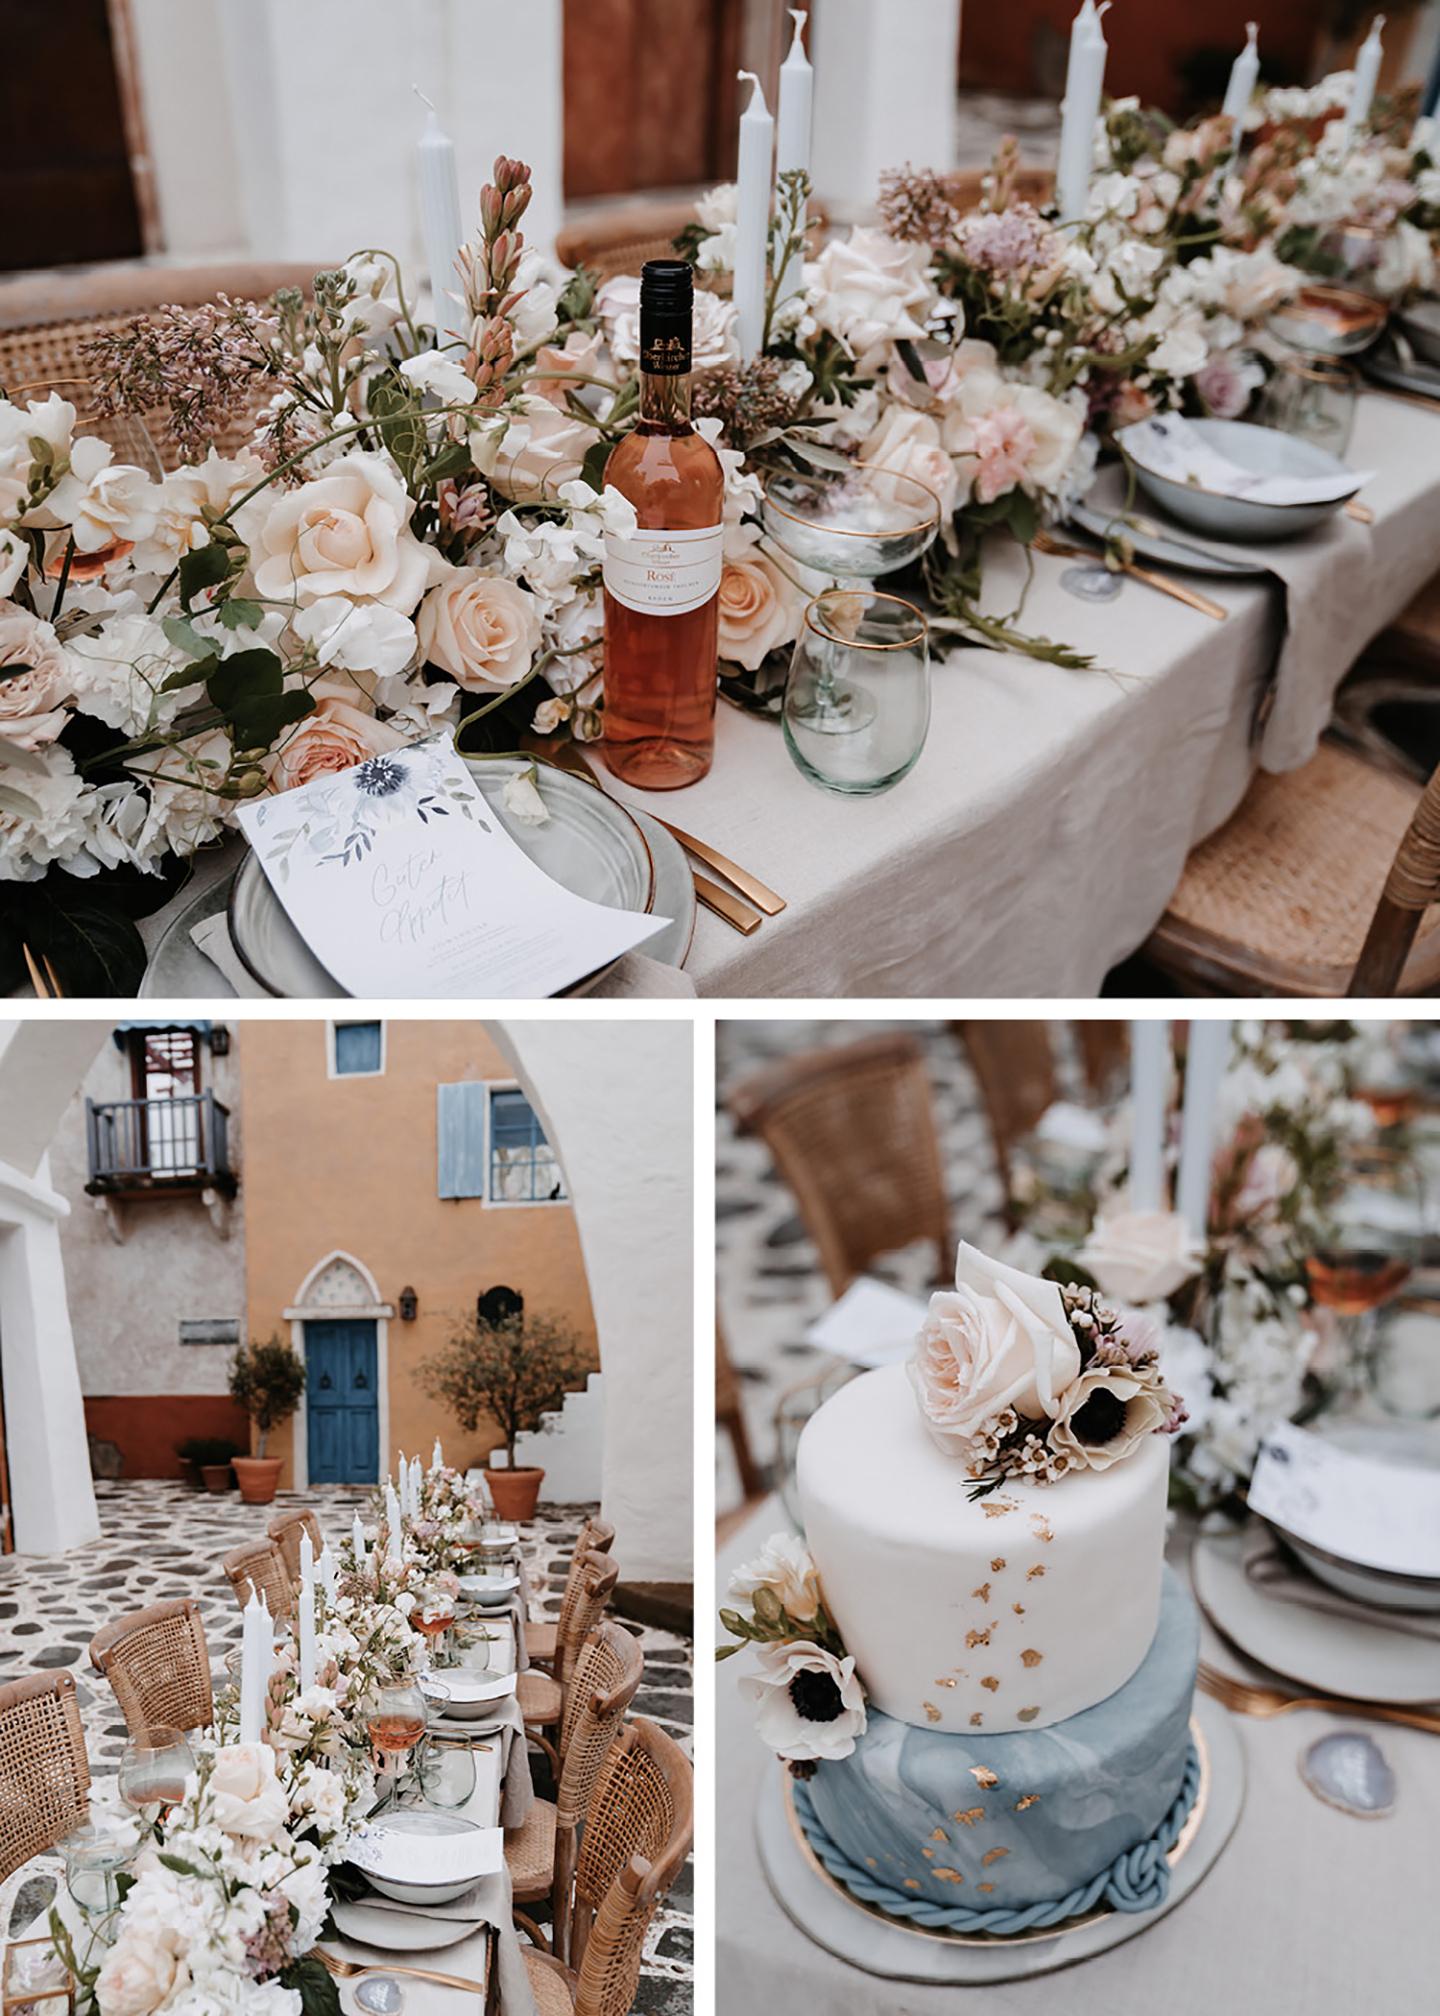 Der gedeckte Hochzeitstisch mit angerichteten Plätzen aus hellblauen Keramiktellern und Besteck in Rosegold wurde mit einem meer aus Blumen verschiedenster Art geschmückt und passt perfekt zur mediterranen Hochzeit..